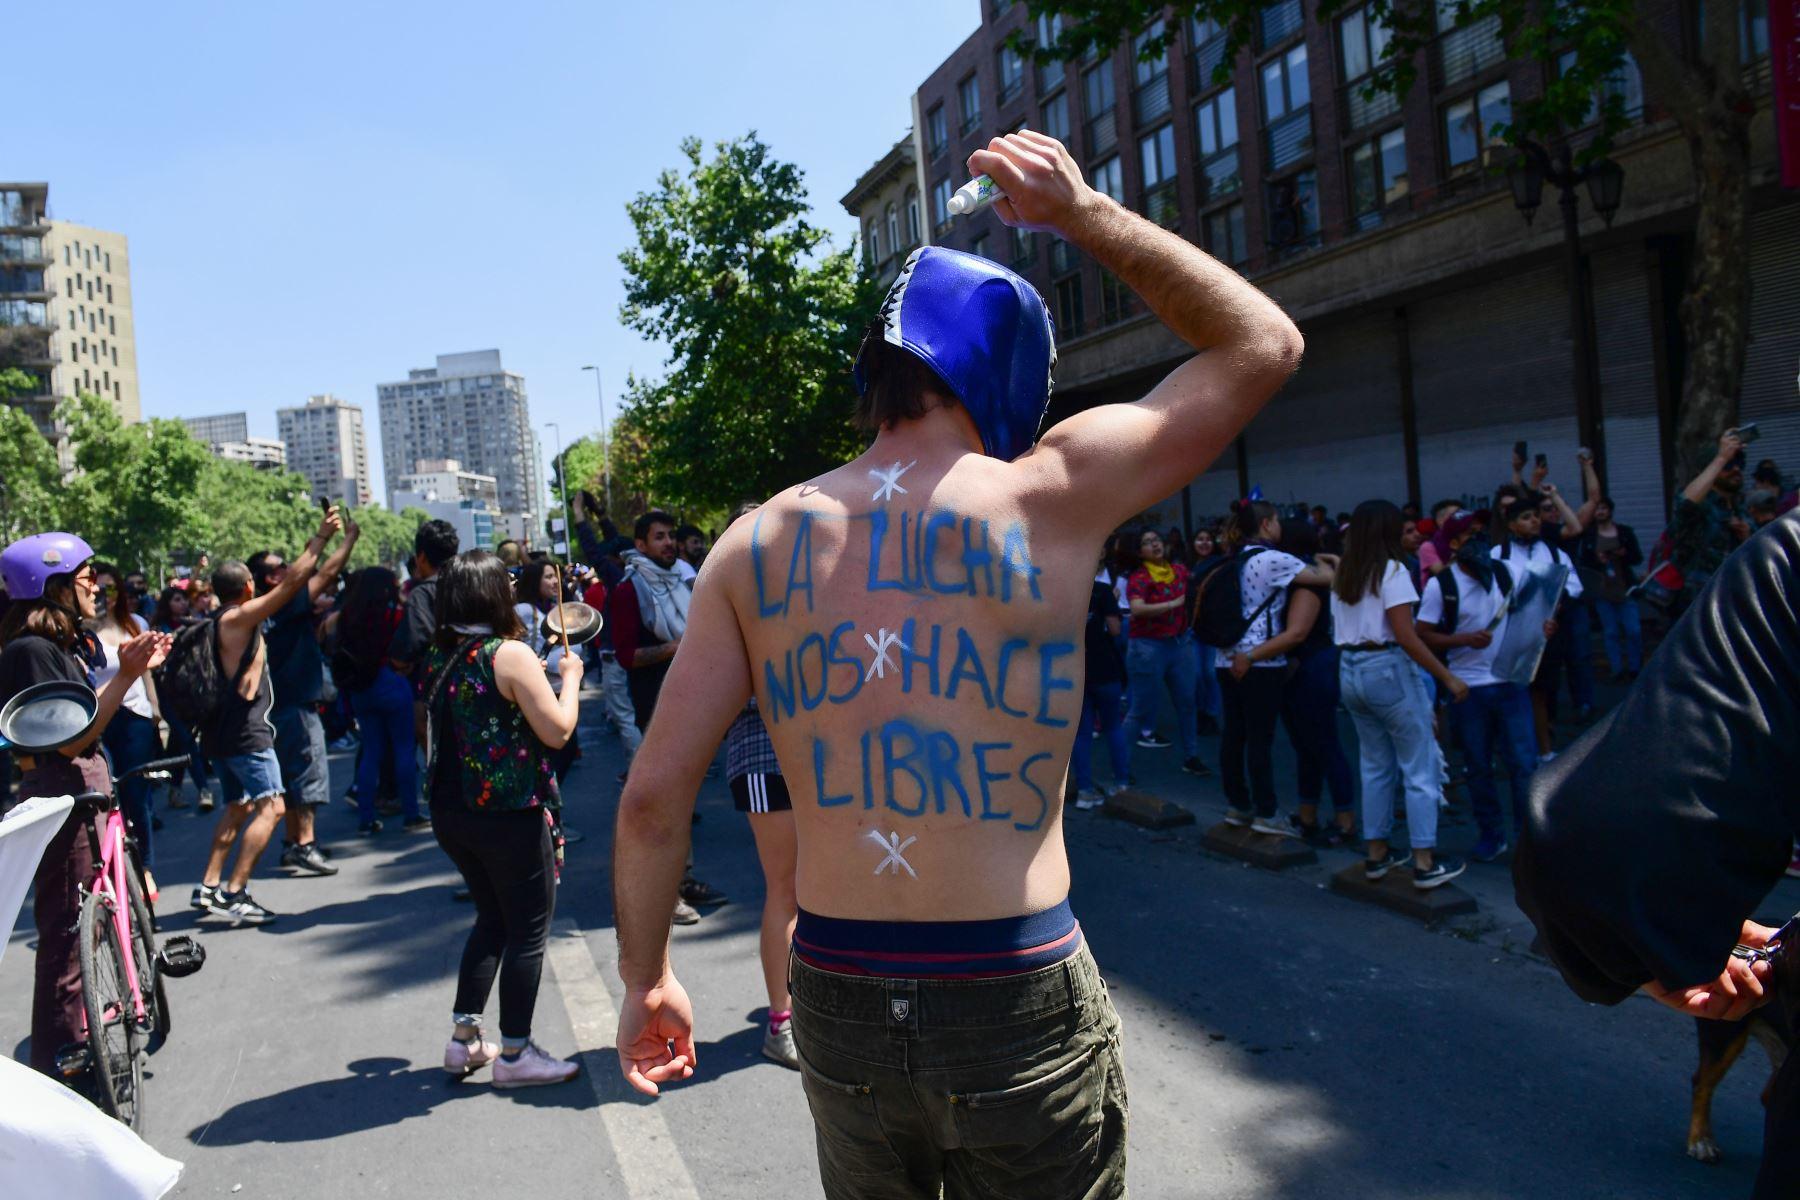 Continúan protestas en Chile ante actuales condiciones sociales. Foto: AFP